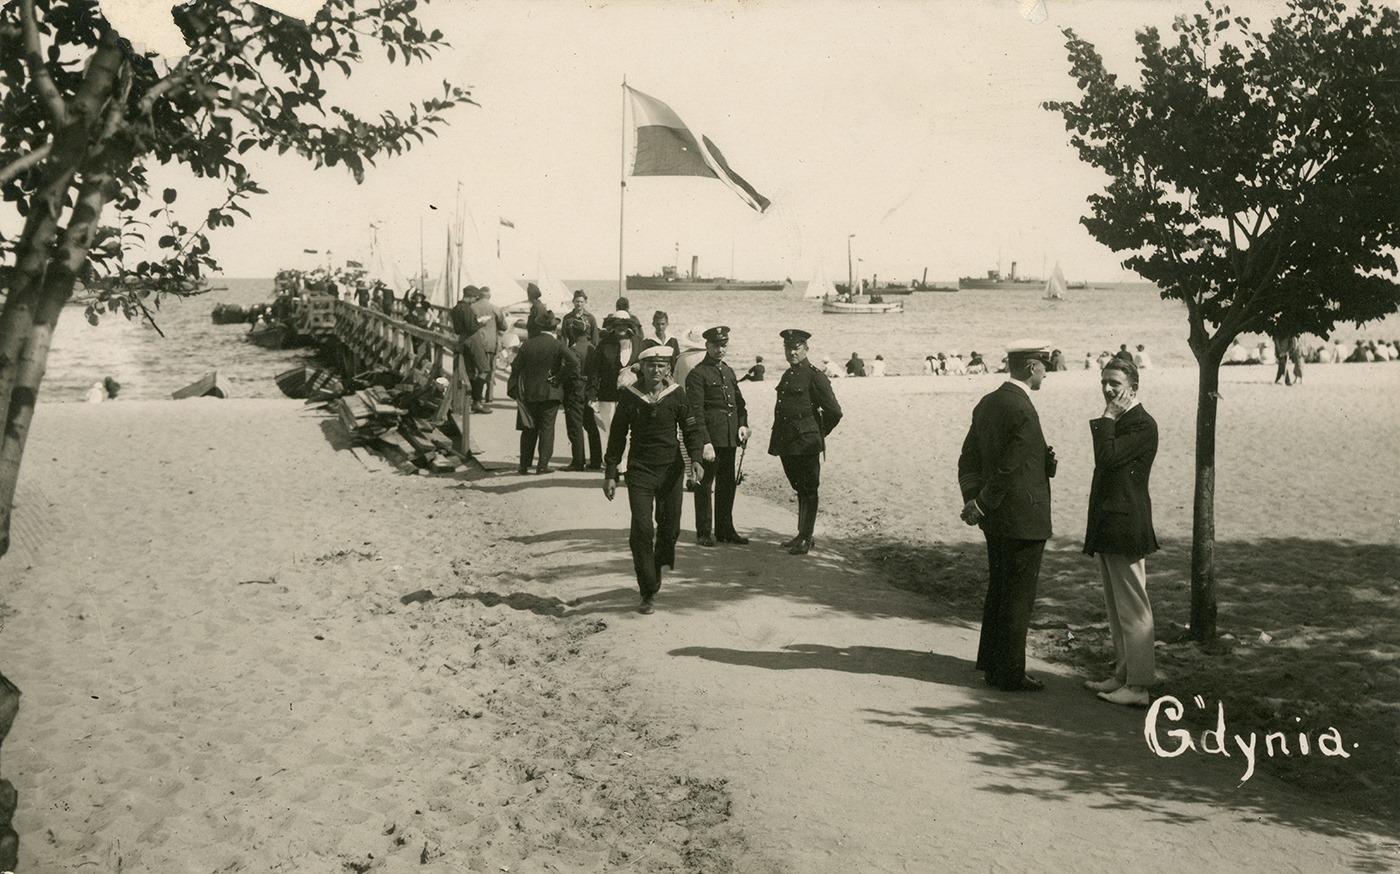 Wakacje Morskie Gdyni – spacery z przewodnikiem Legenda Morska